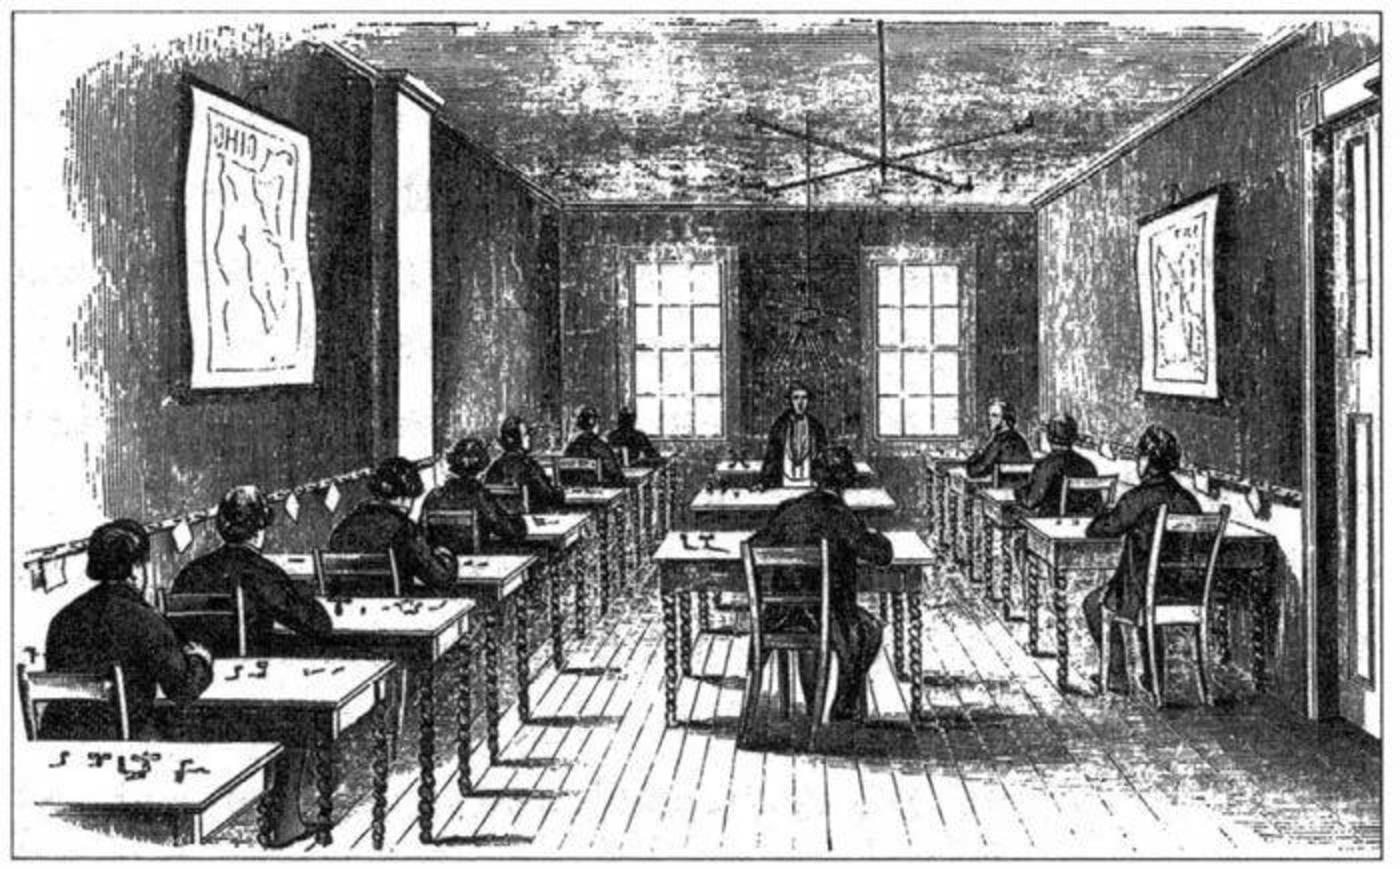 典型的美国电报站,中等规模。电报员坐在木质办公桌边,每人装备一台摩尔斯键盘和一台发声器